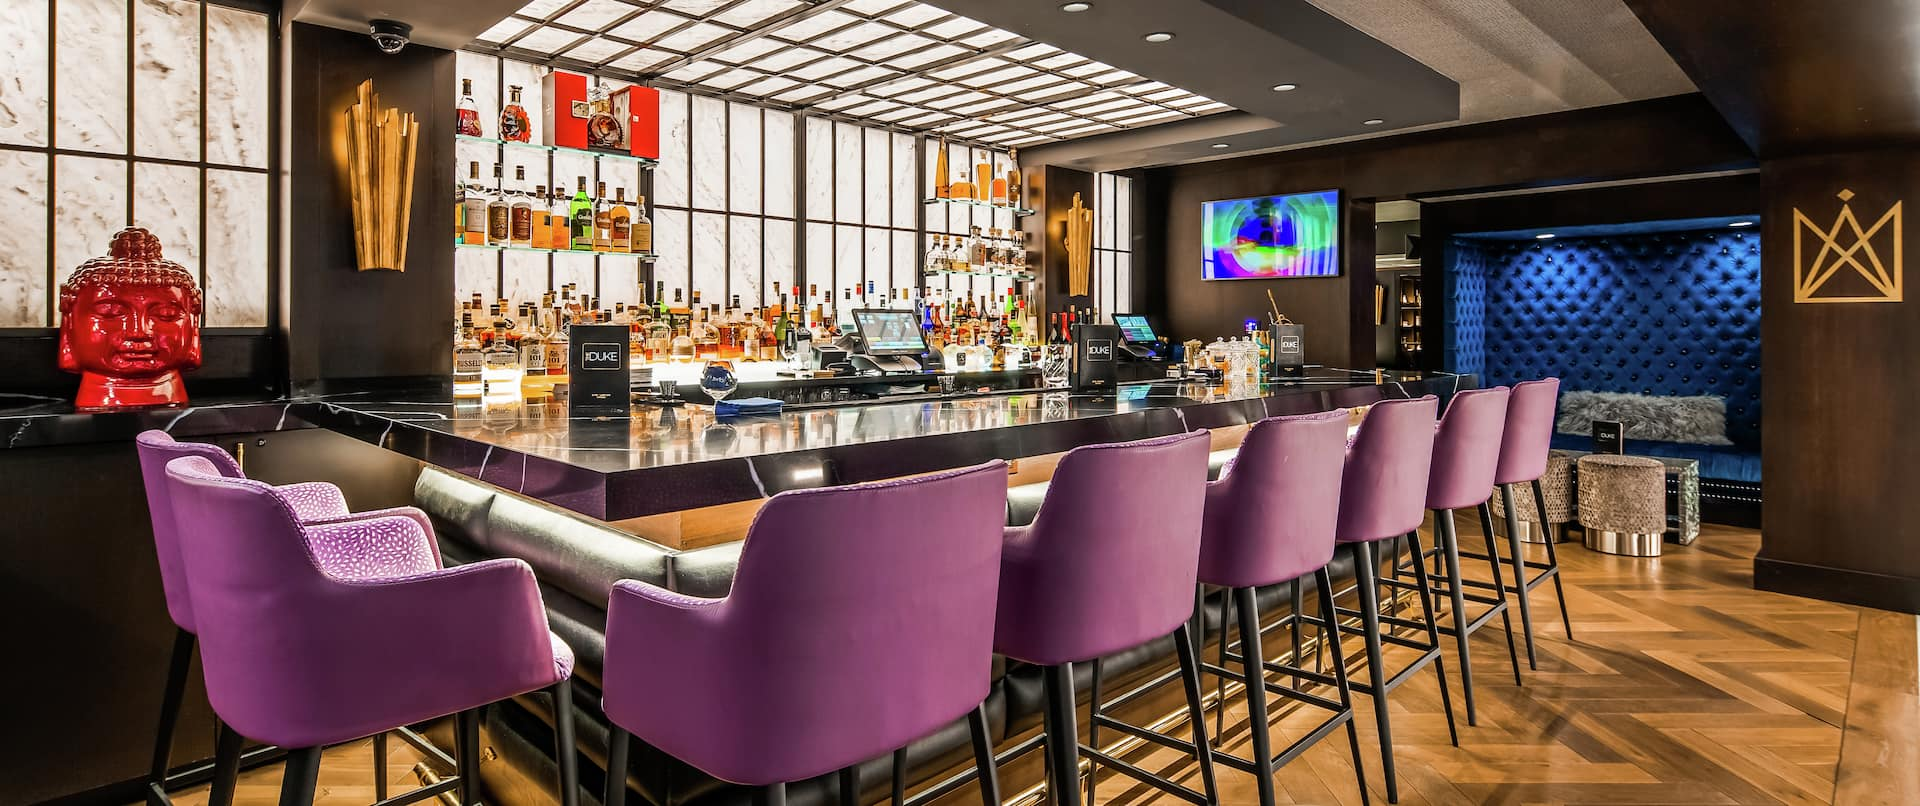 The Duke Bar